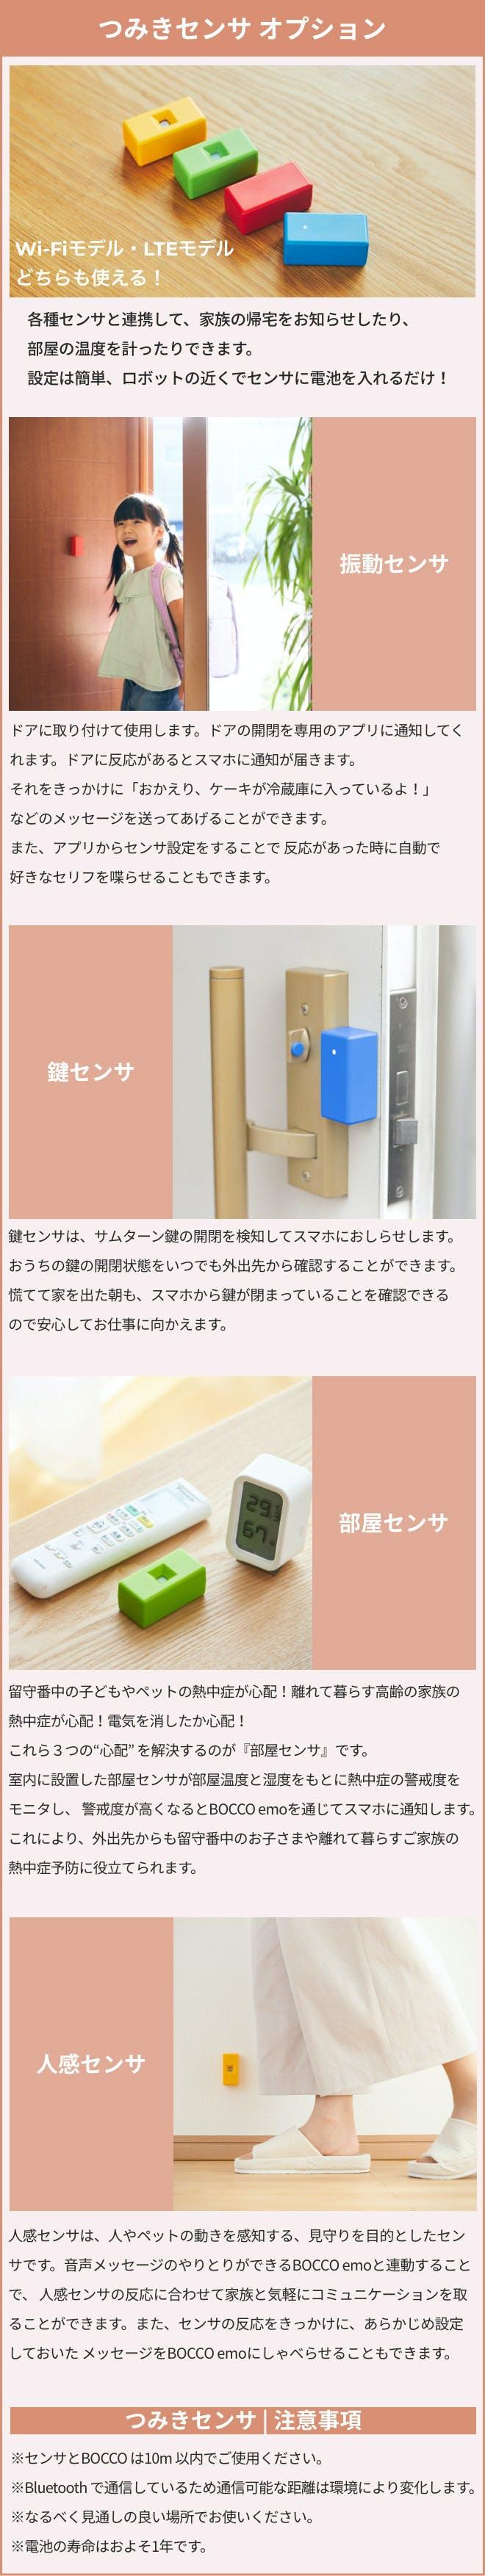 BOCCO emoのつみきセンサオプション。振動センサや鍵センサでドアの開閉を検出したり、部屋センサで温度・湿度管理。熱中症警戒度も通知。人感センサはヒトやペットの動きを完治し、見守りにおすすめ。センサの反応をきっかけに、メッセージをBOCCO emoにしゃべらせることもできます。